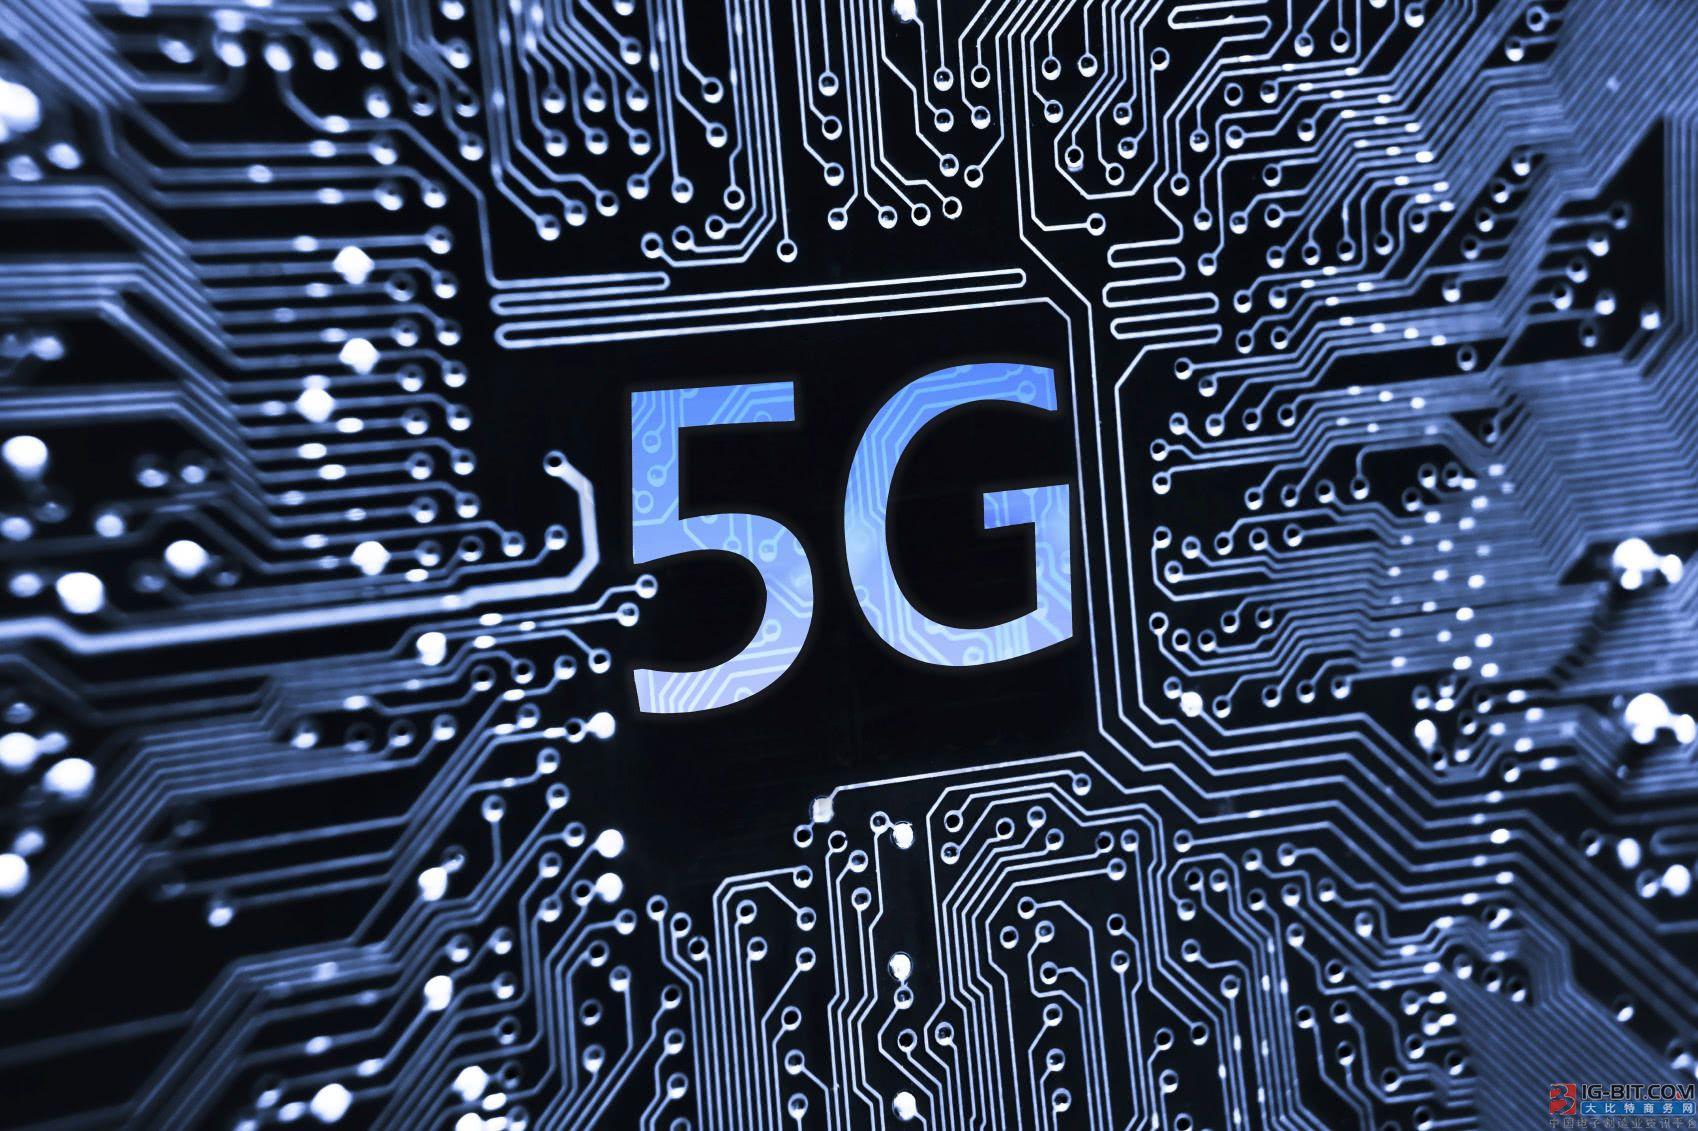 井盖变基站?沃达丰宣布和爱立信合作在井盖下部署4G/5G设施